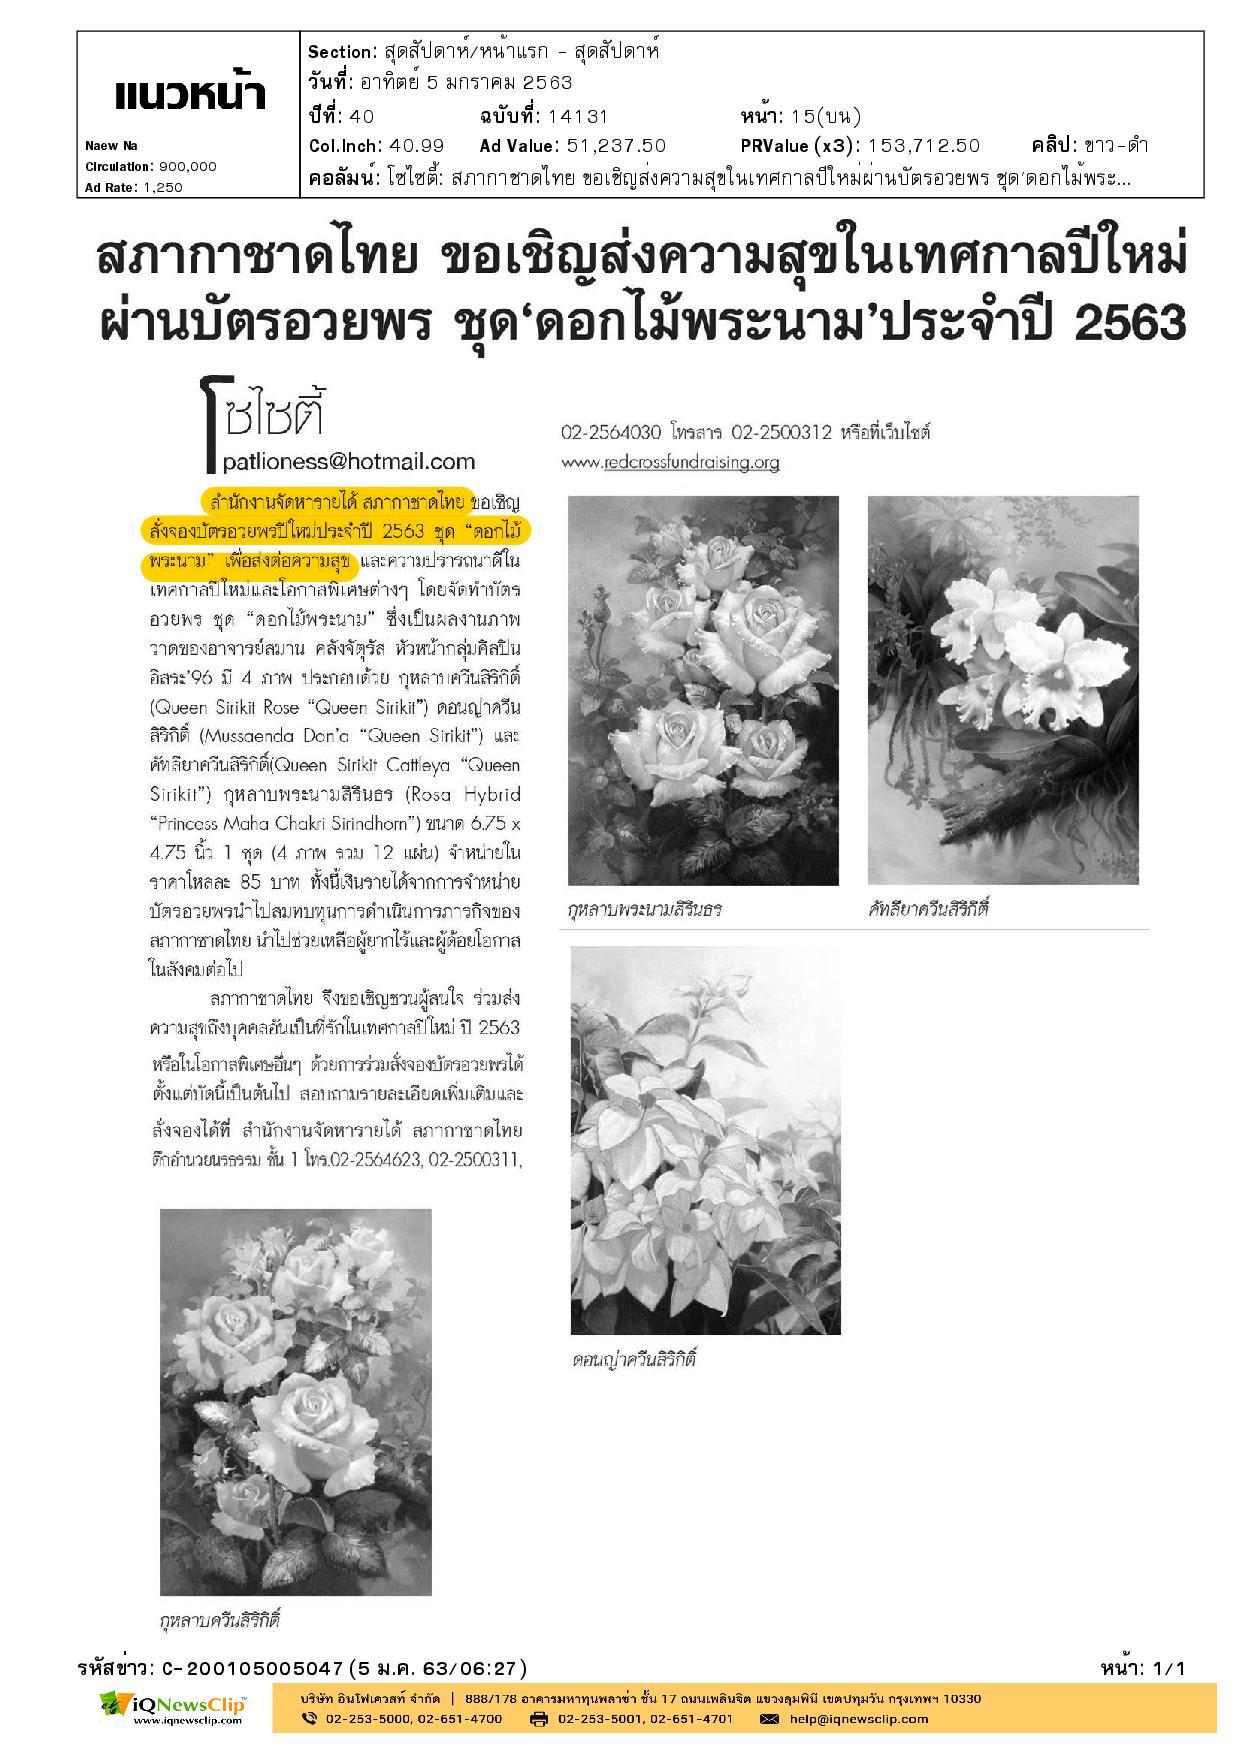 สภากาชาดไทย เชิญส่งความสุขในเทศกาลปีใหม่ ผ่านบัตรอวยพร